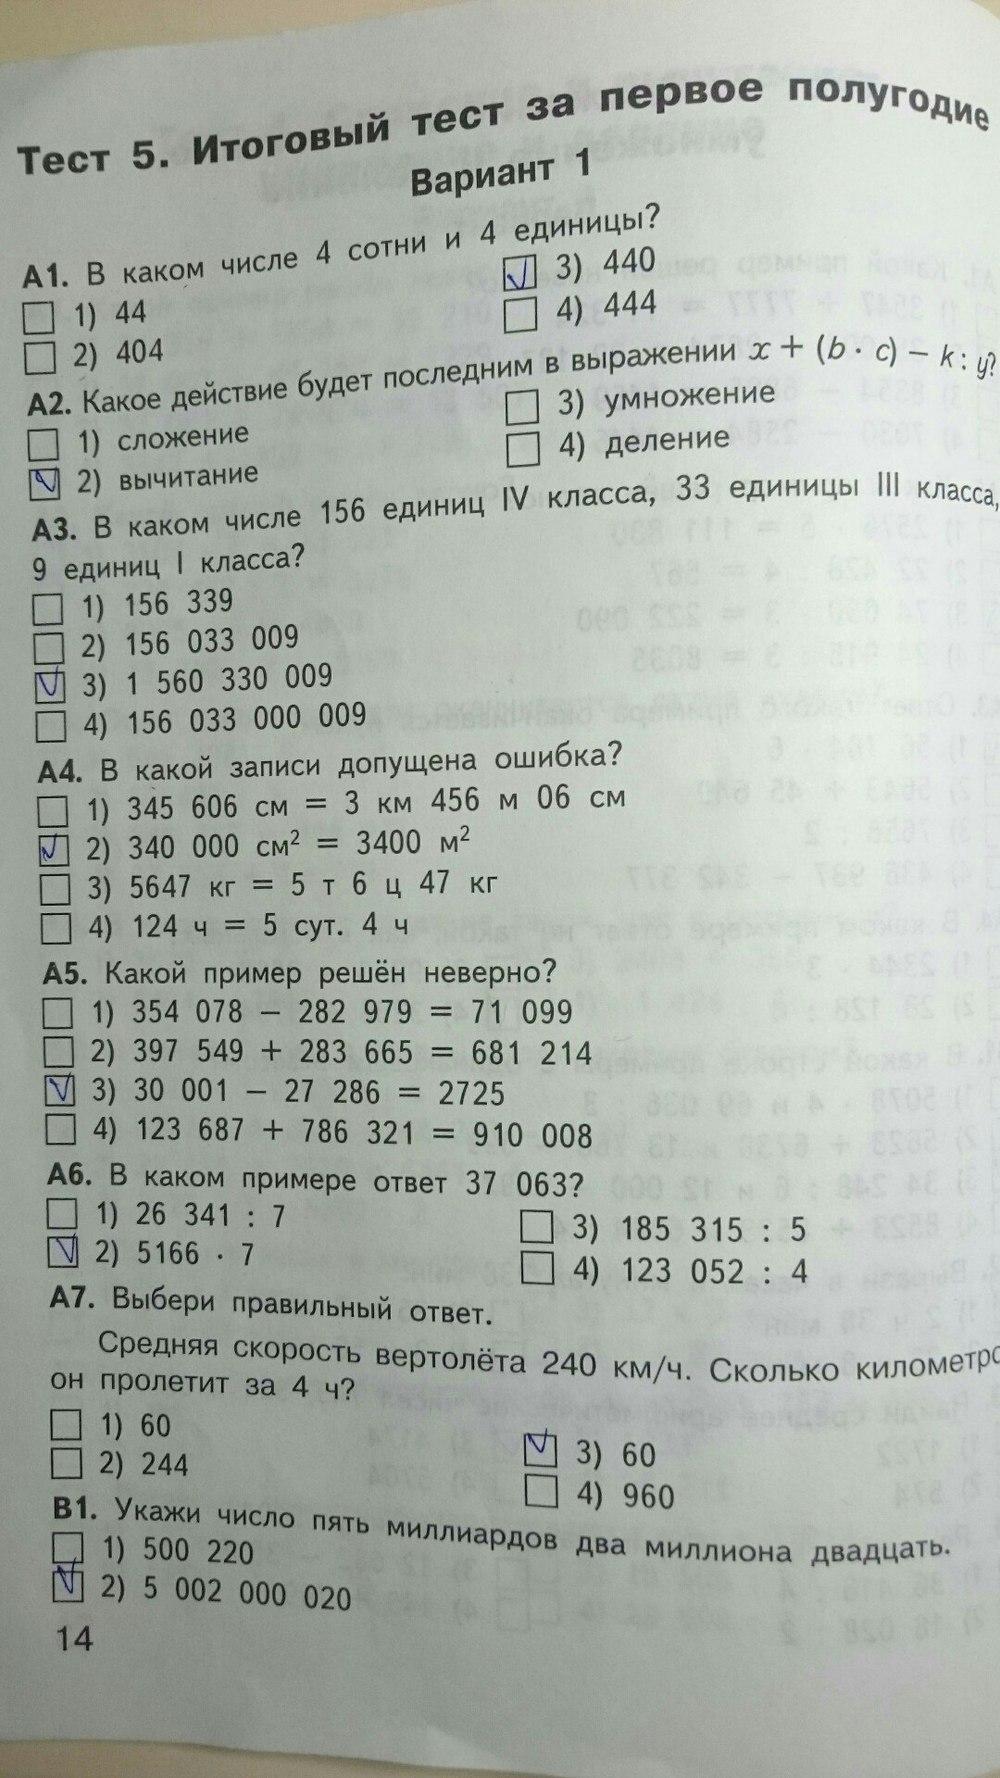 Ответы на ким по математике 4 класс